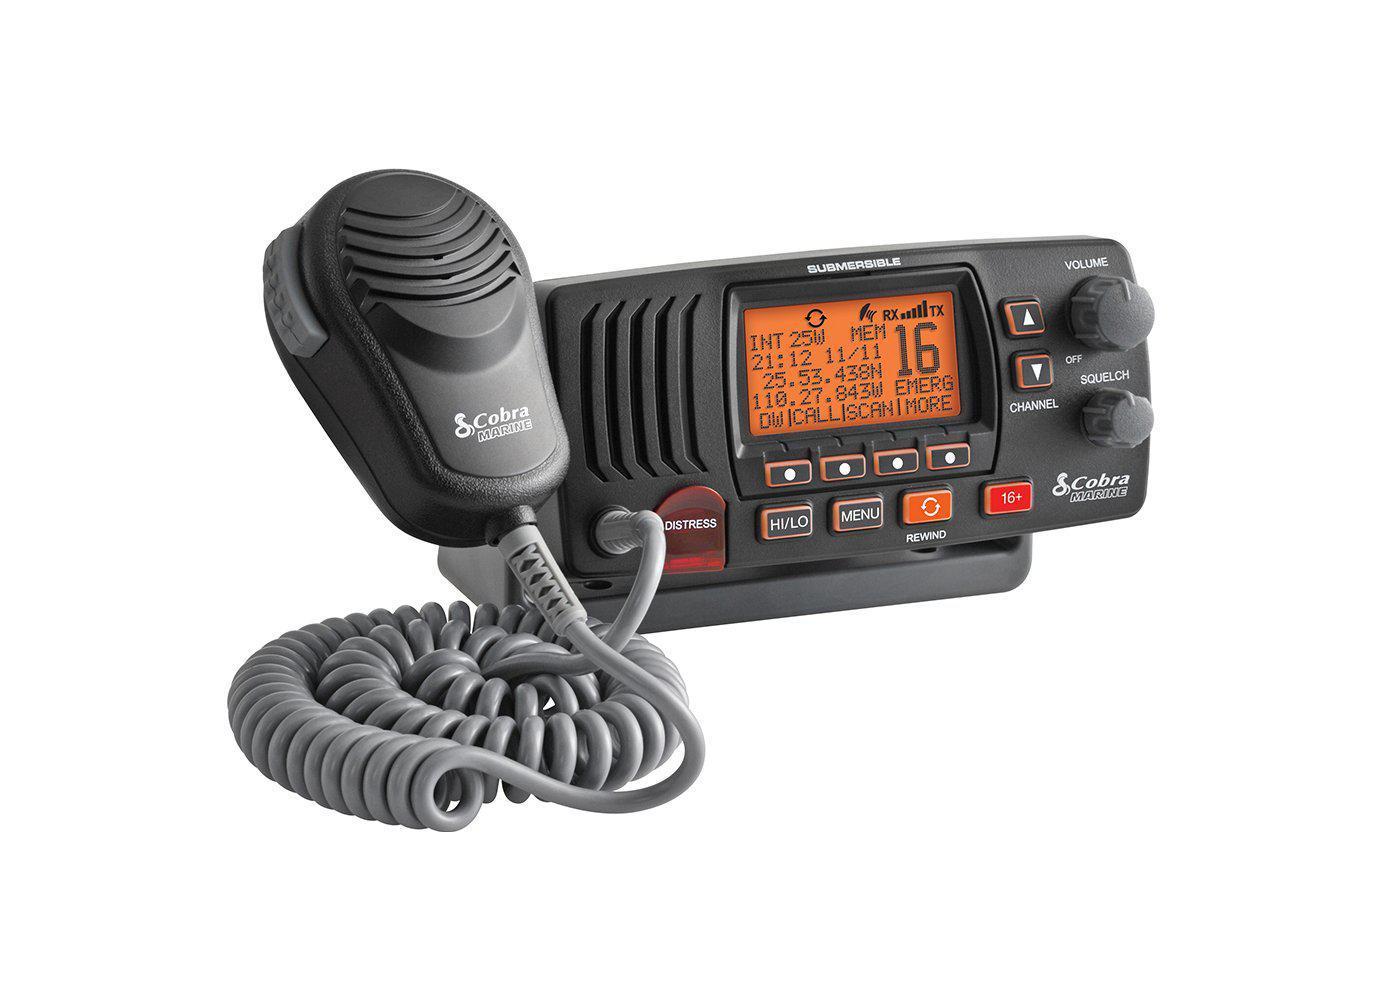 MRF57B - Cobra® Class D 25 Watt Submersible VHF Marine Radio